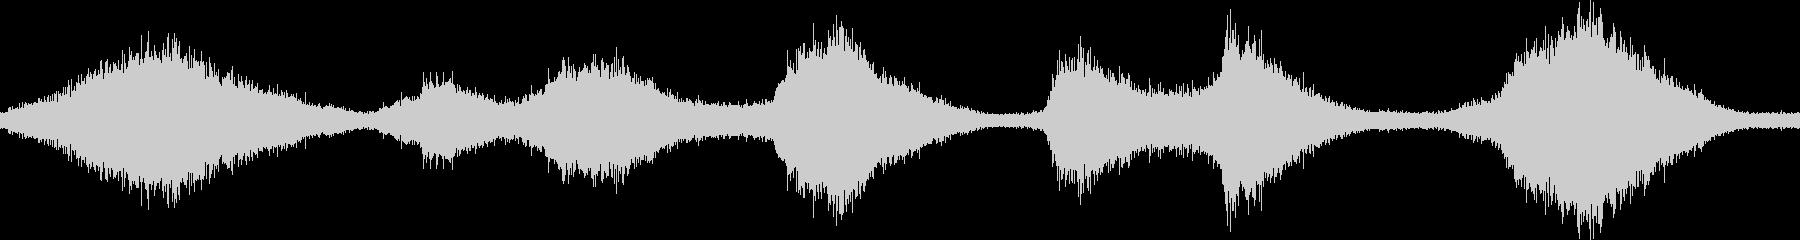 迫力・壮大・幻想的な波音 徳島  ループの未再生の波形